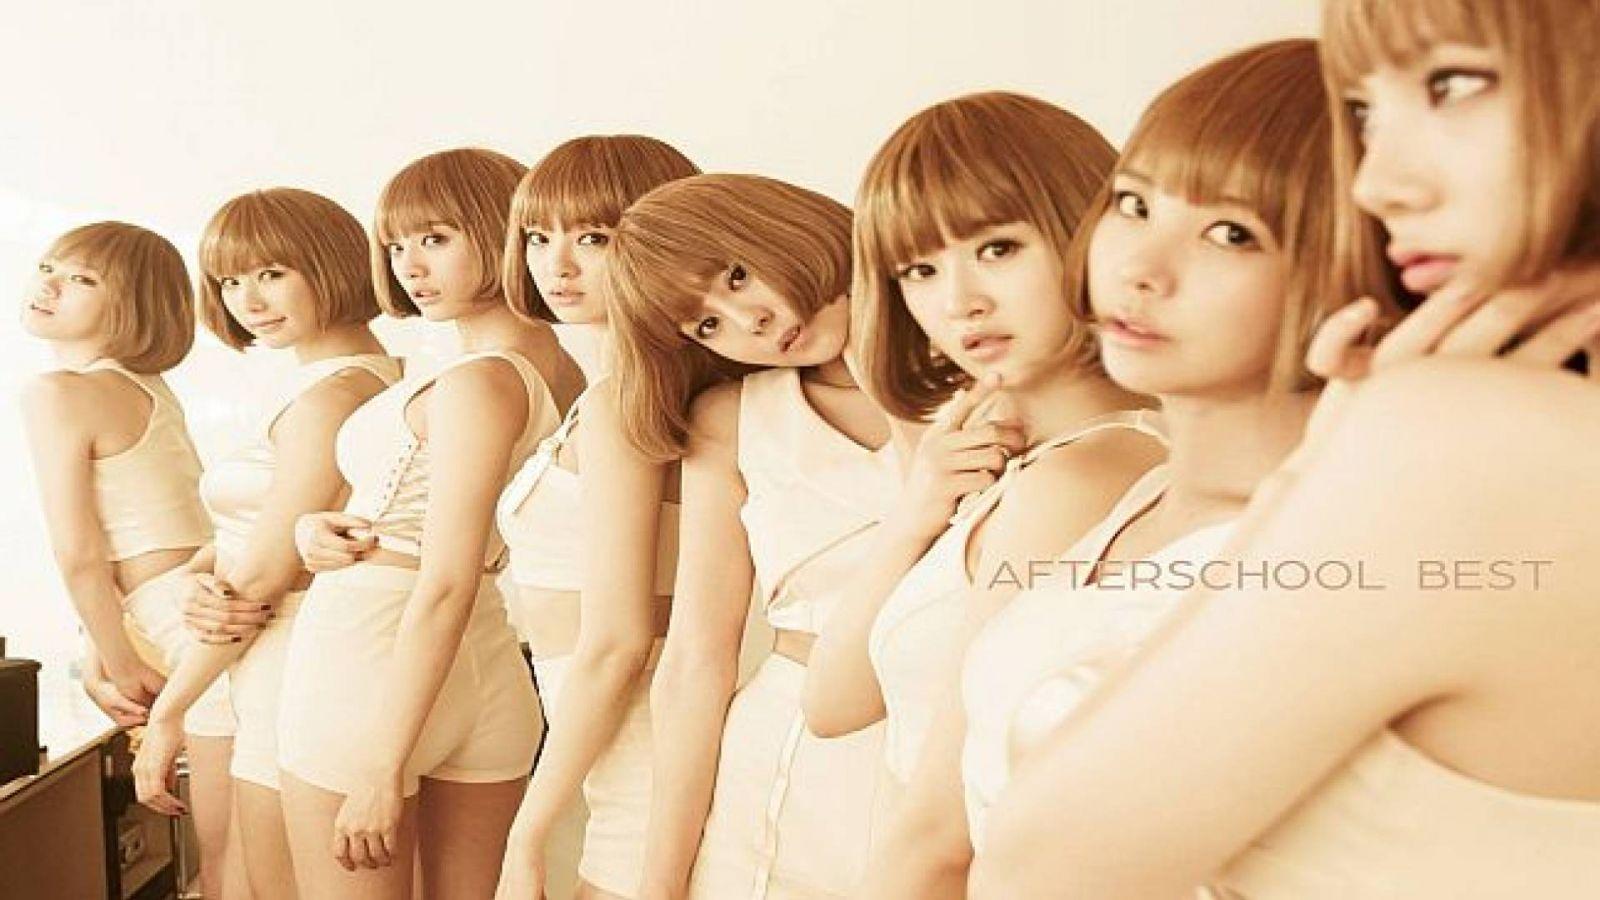 AFTERSCHOOL lançará Best-of japonês © AFTERSCHOOL Official Facebook Page, Pledis Entertainment